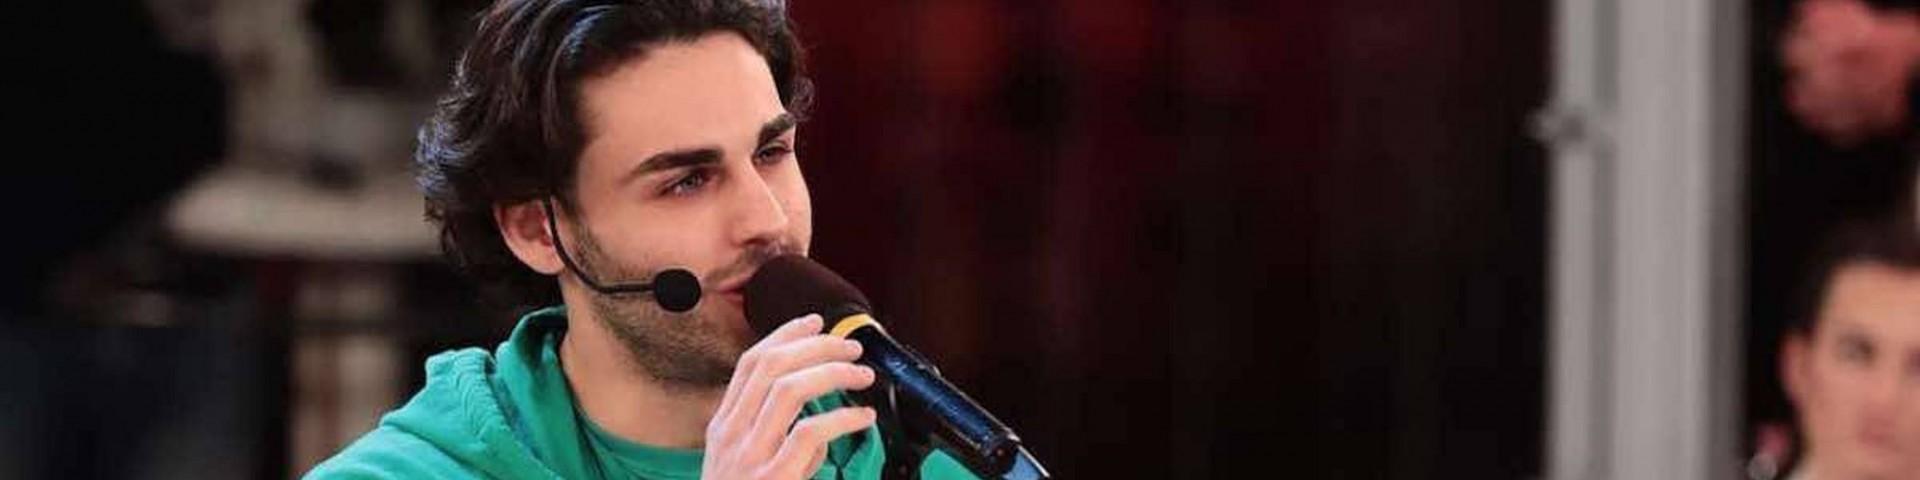 Dj Giuseppe di Radio 105 (partner di Amici) attacca Alberto Urso: è polemica